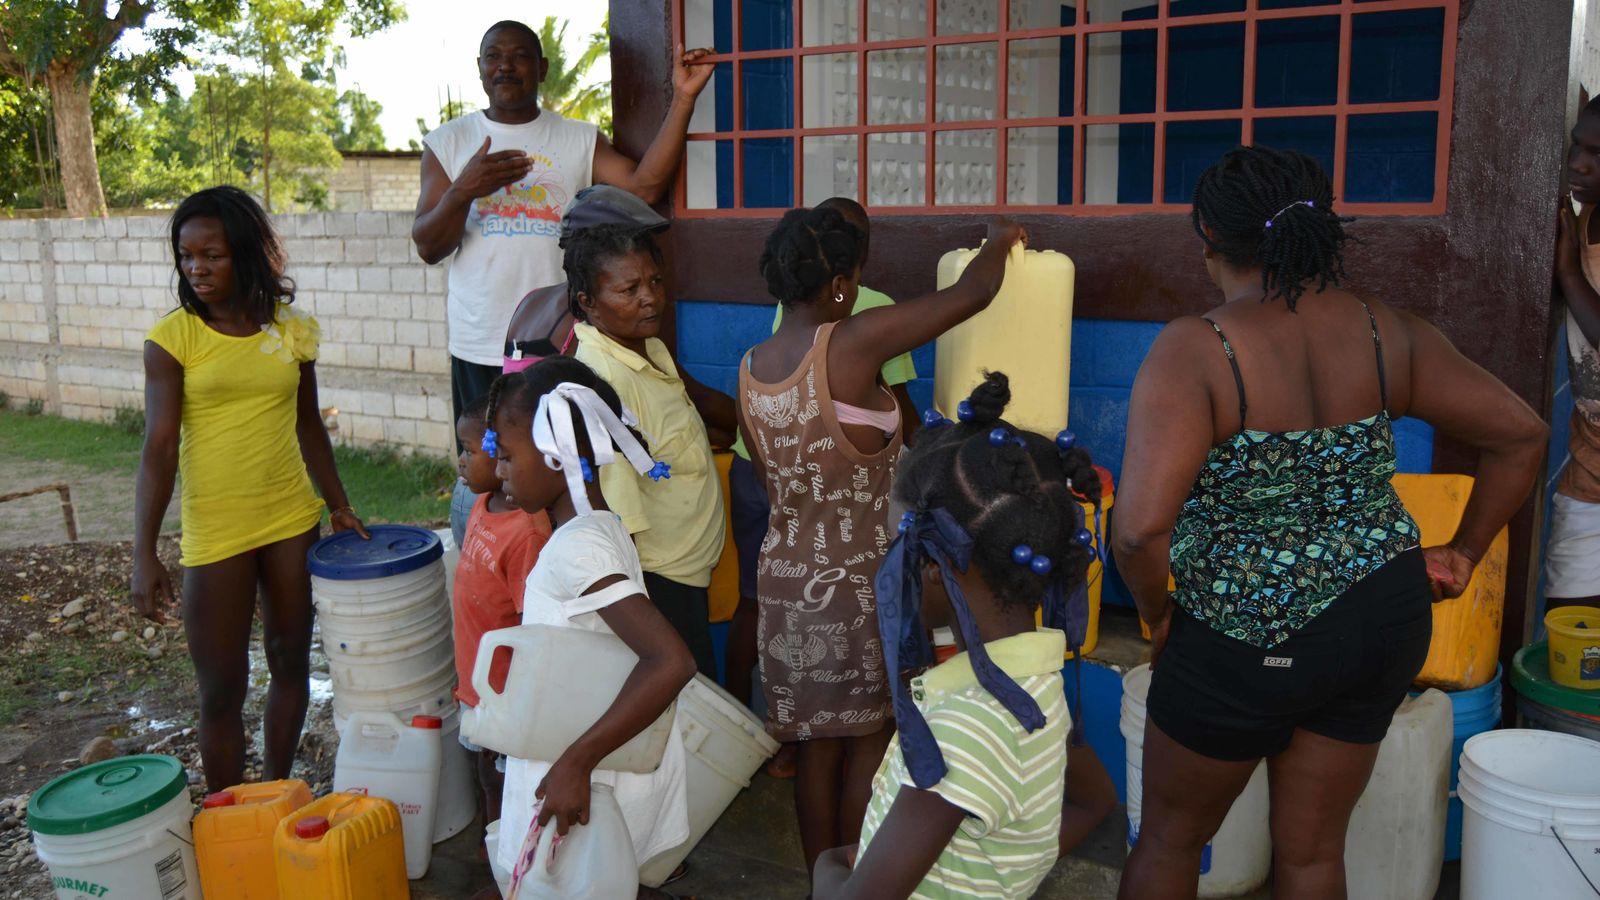 Foto: Los niños de la ciudad haitiana de Jacmel acuden raudos para tomar agua gratis en una suelta para probar el sistema. (M. García Rey)